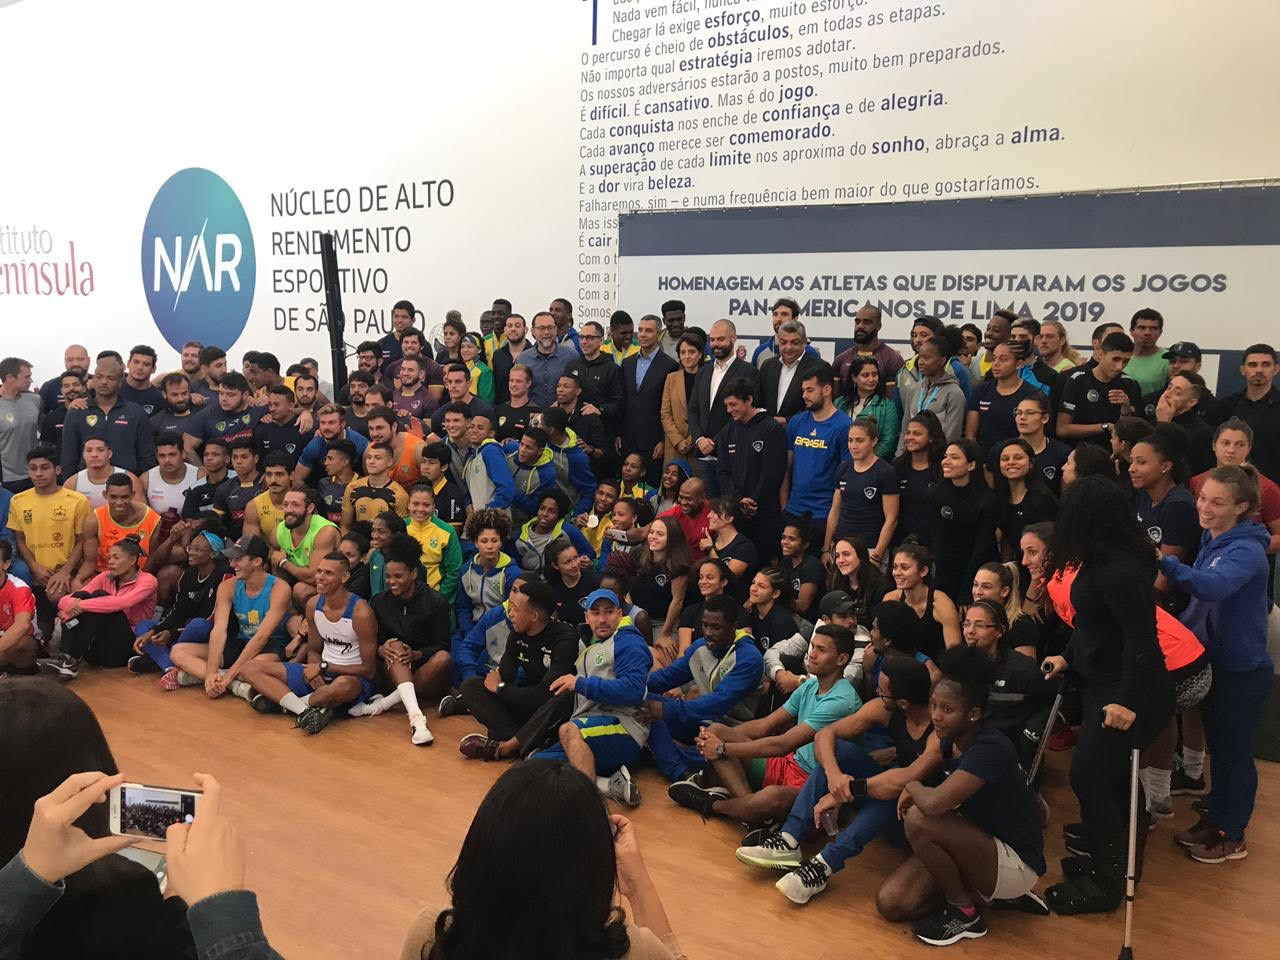 Secretaria de Esportes homenageia atletas que participaram do Pan-Americano